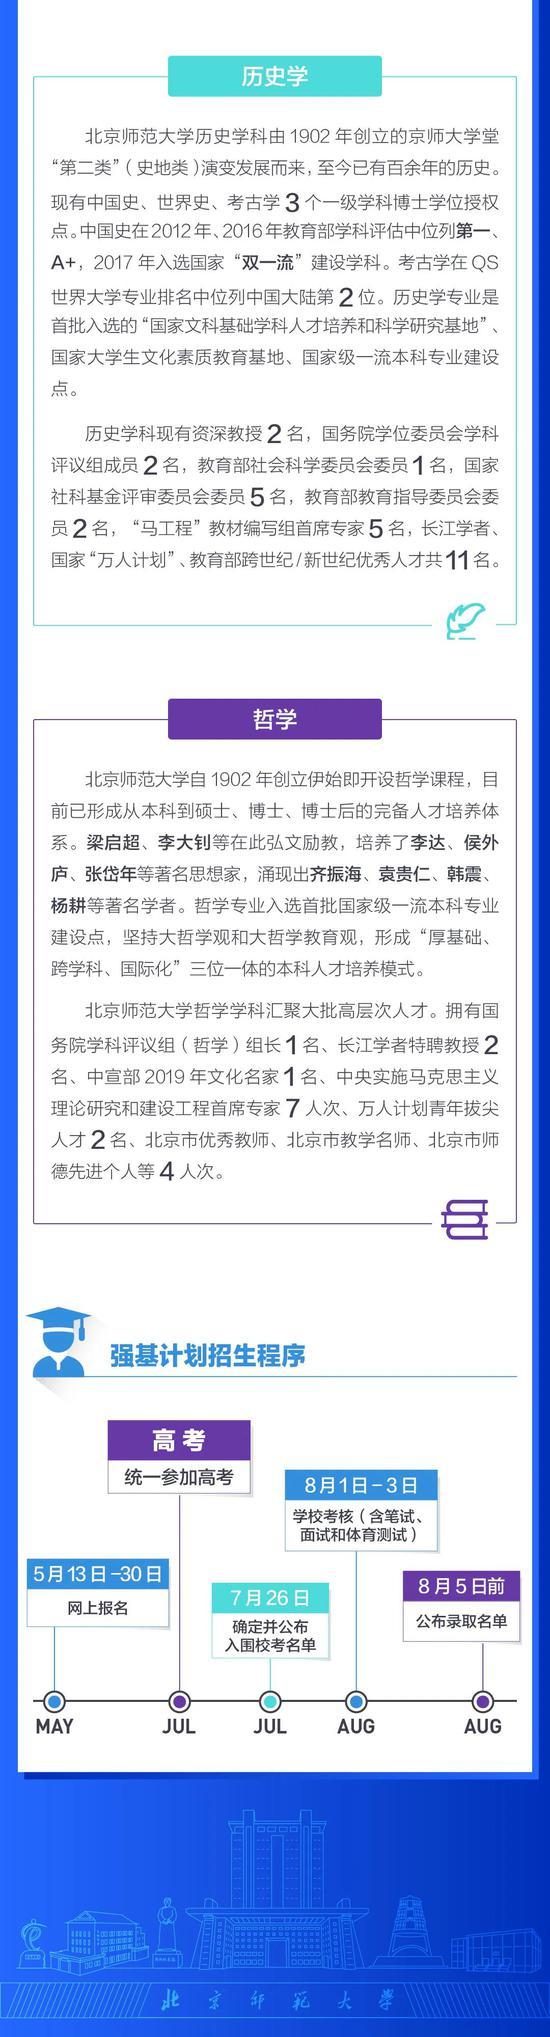 一图读懂北京师范大学强基计划